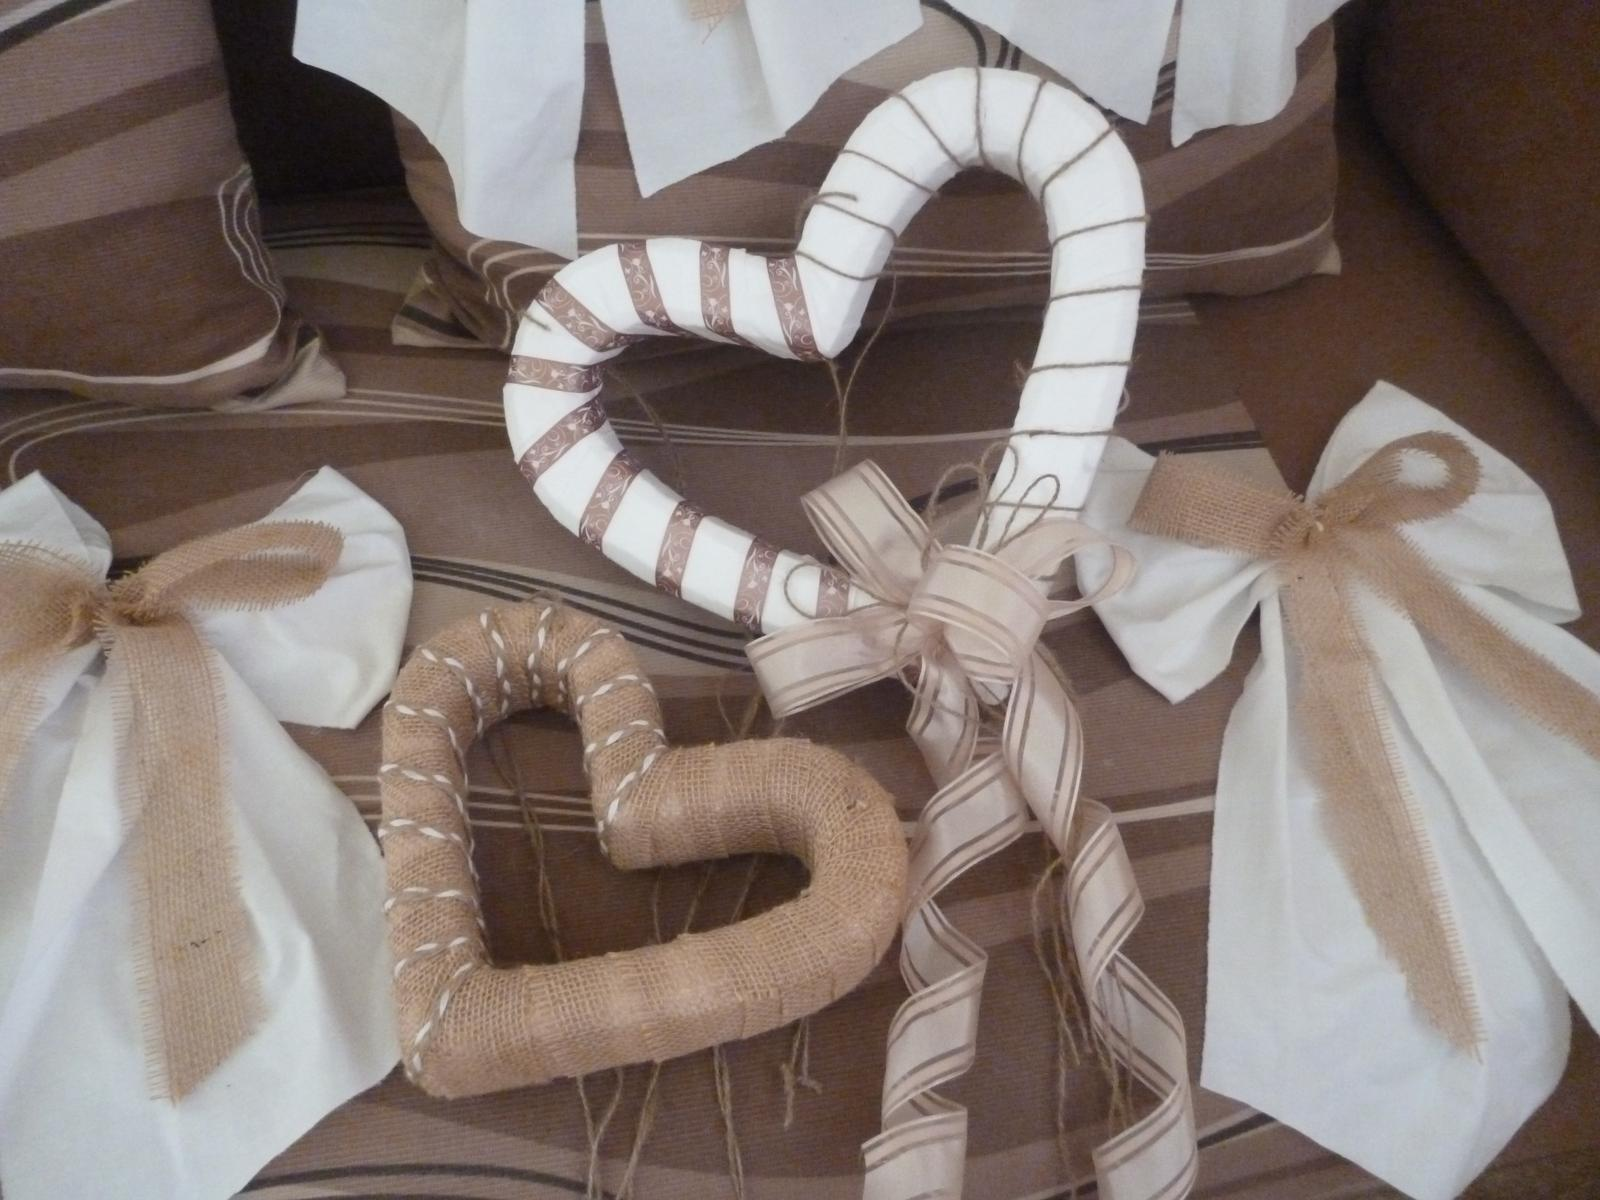 Srdce a mašle na dekoraci sálu - Obrázek č. 2